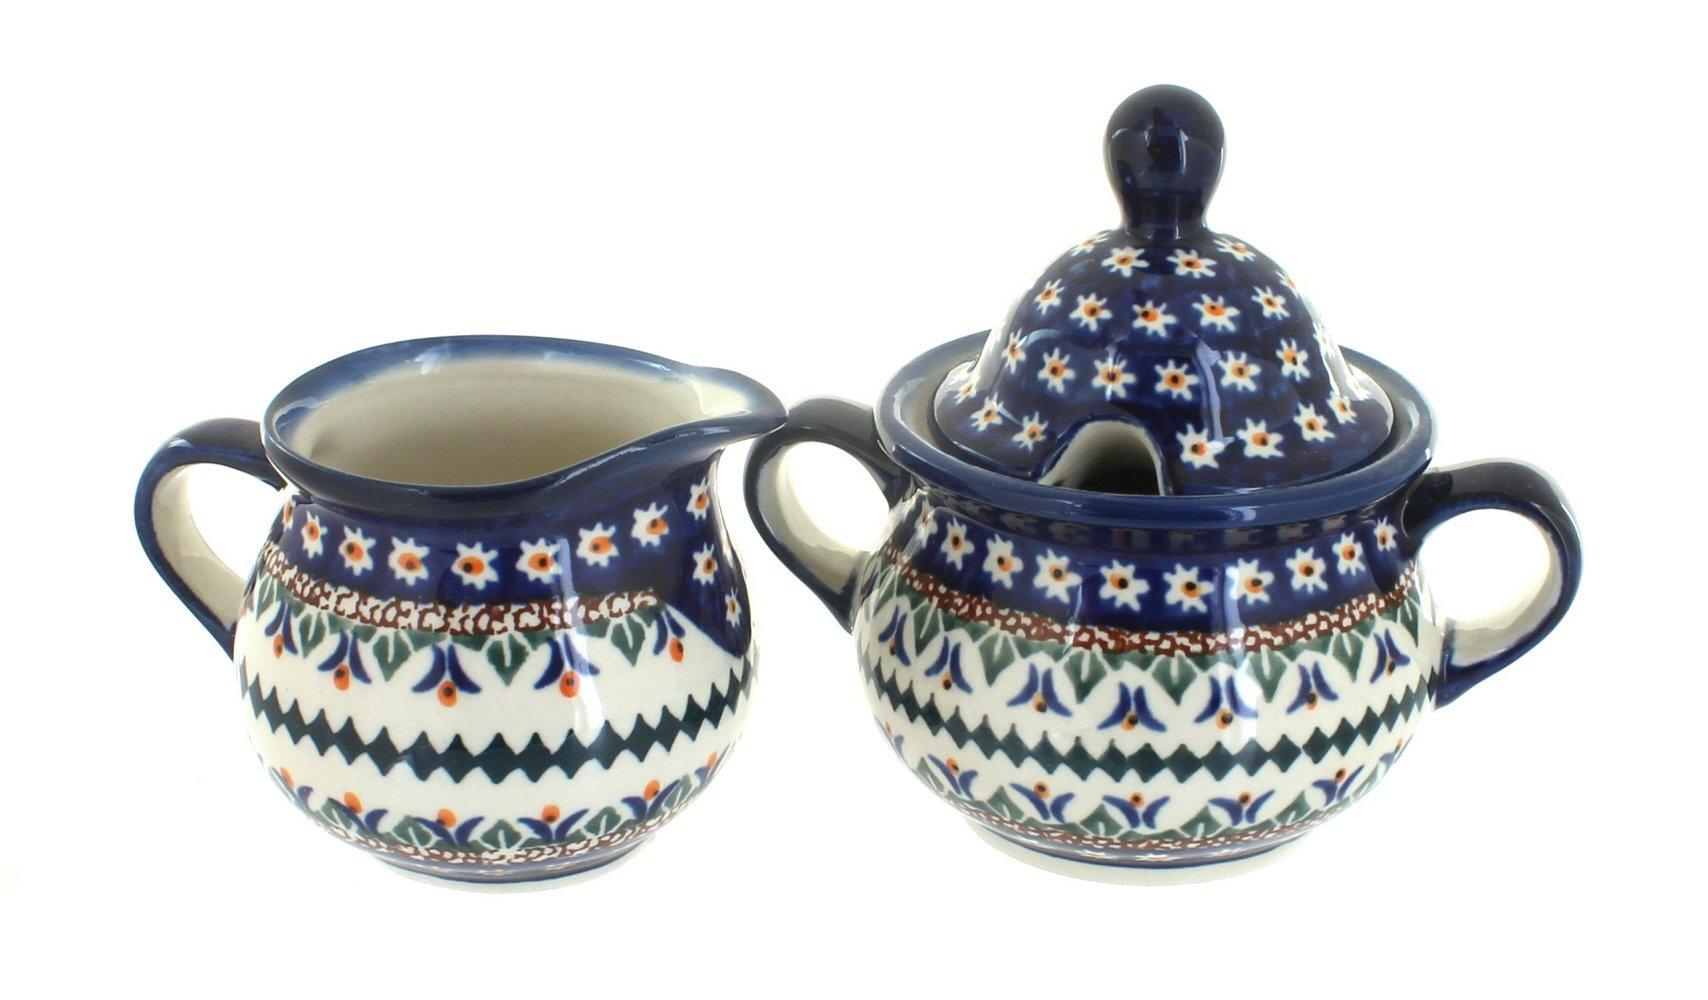 OKSLO Polish pottery daisy cream & sugar set